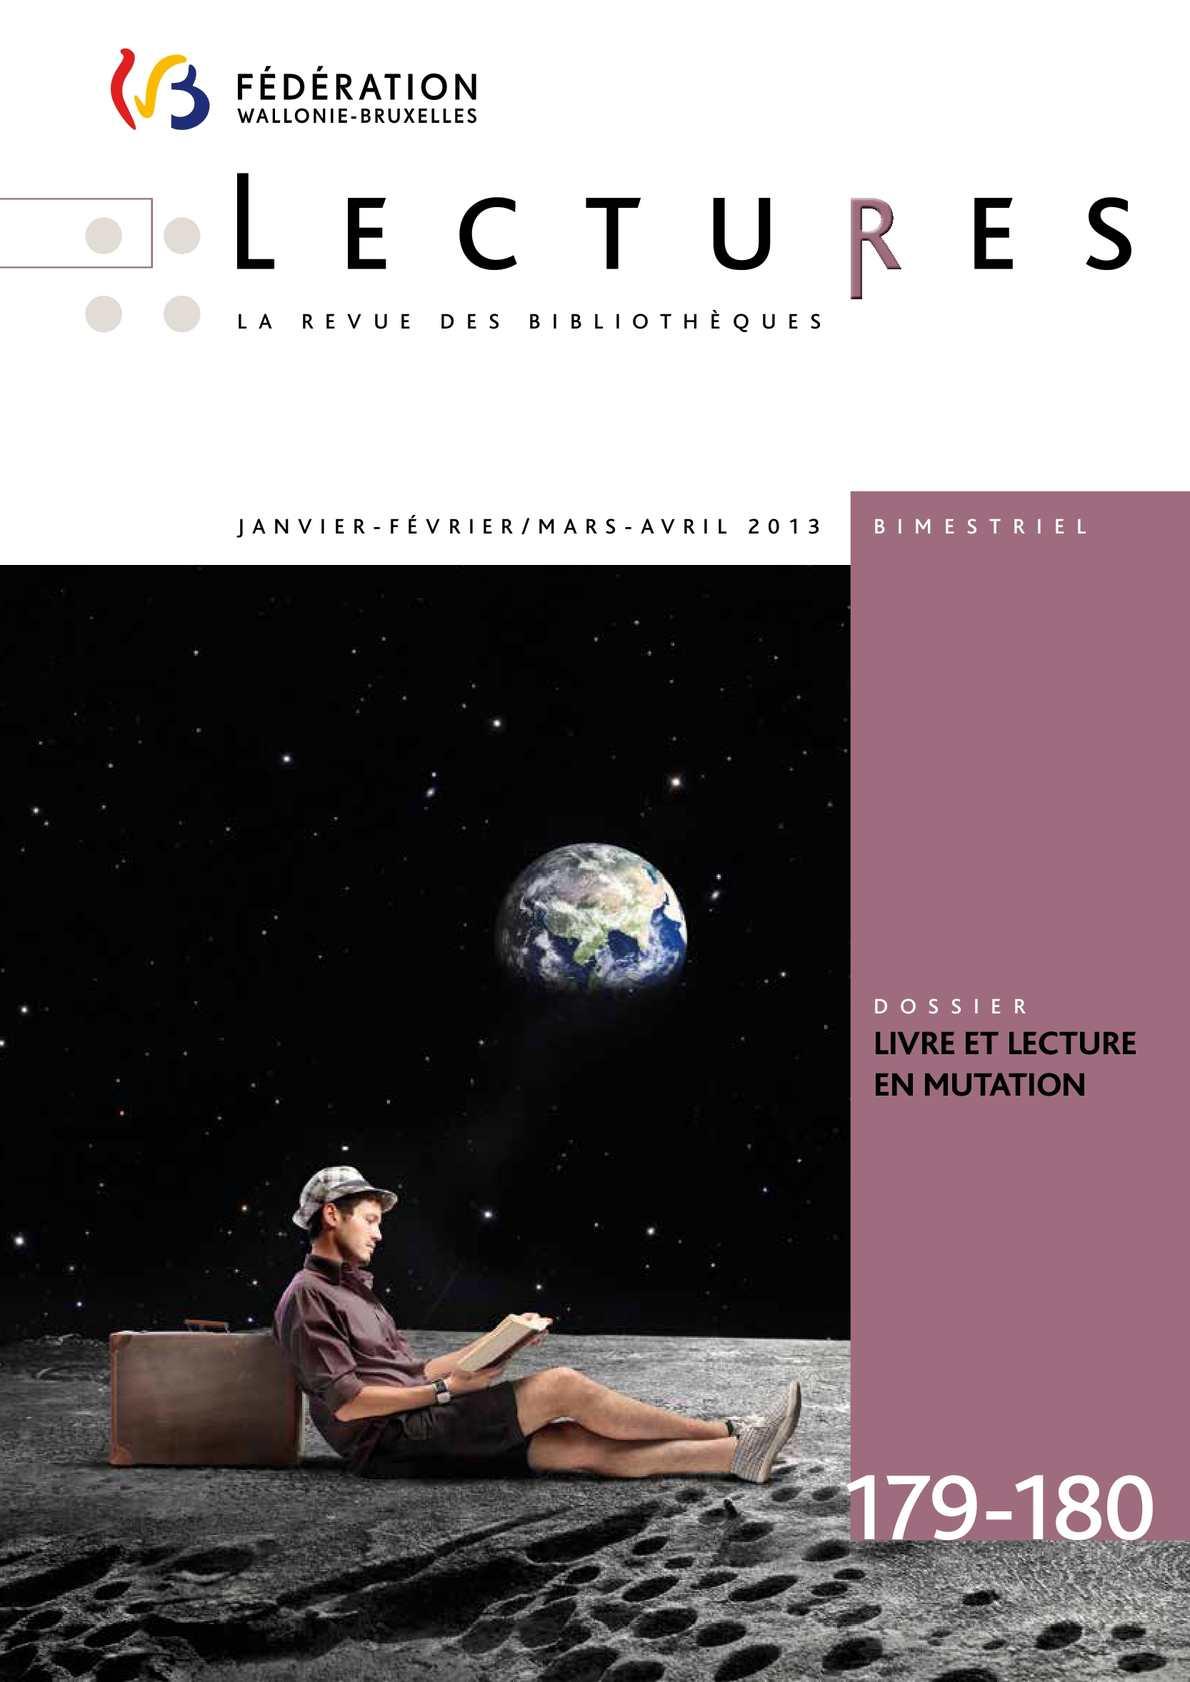 Calaméo - Lectures, 179 - 180, janvier - février - mars - avril 2013 fc00ef980378